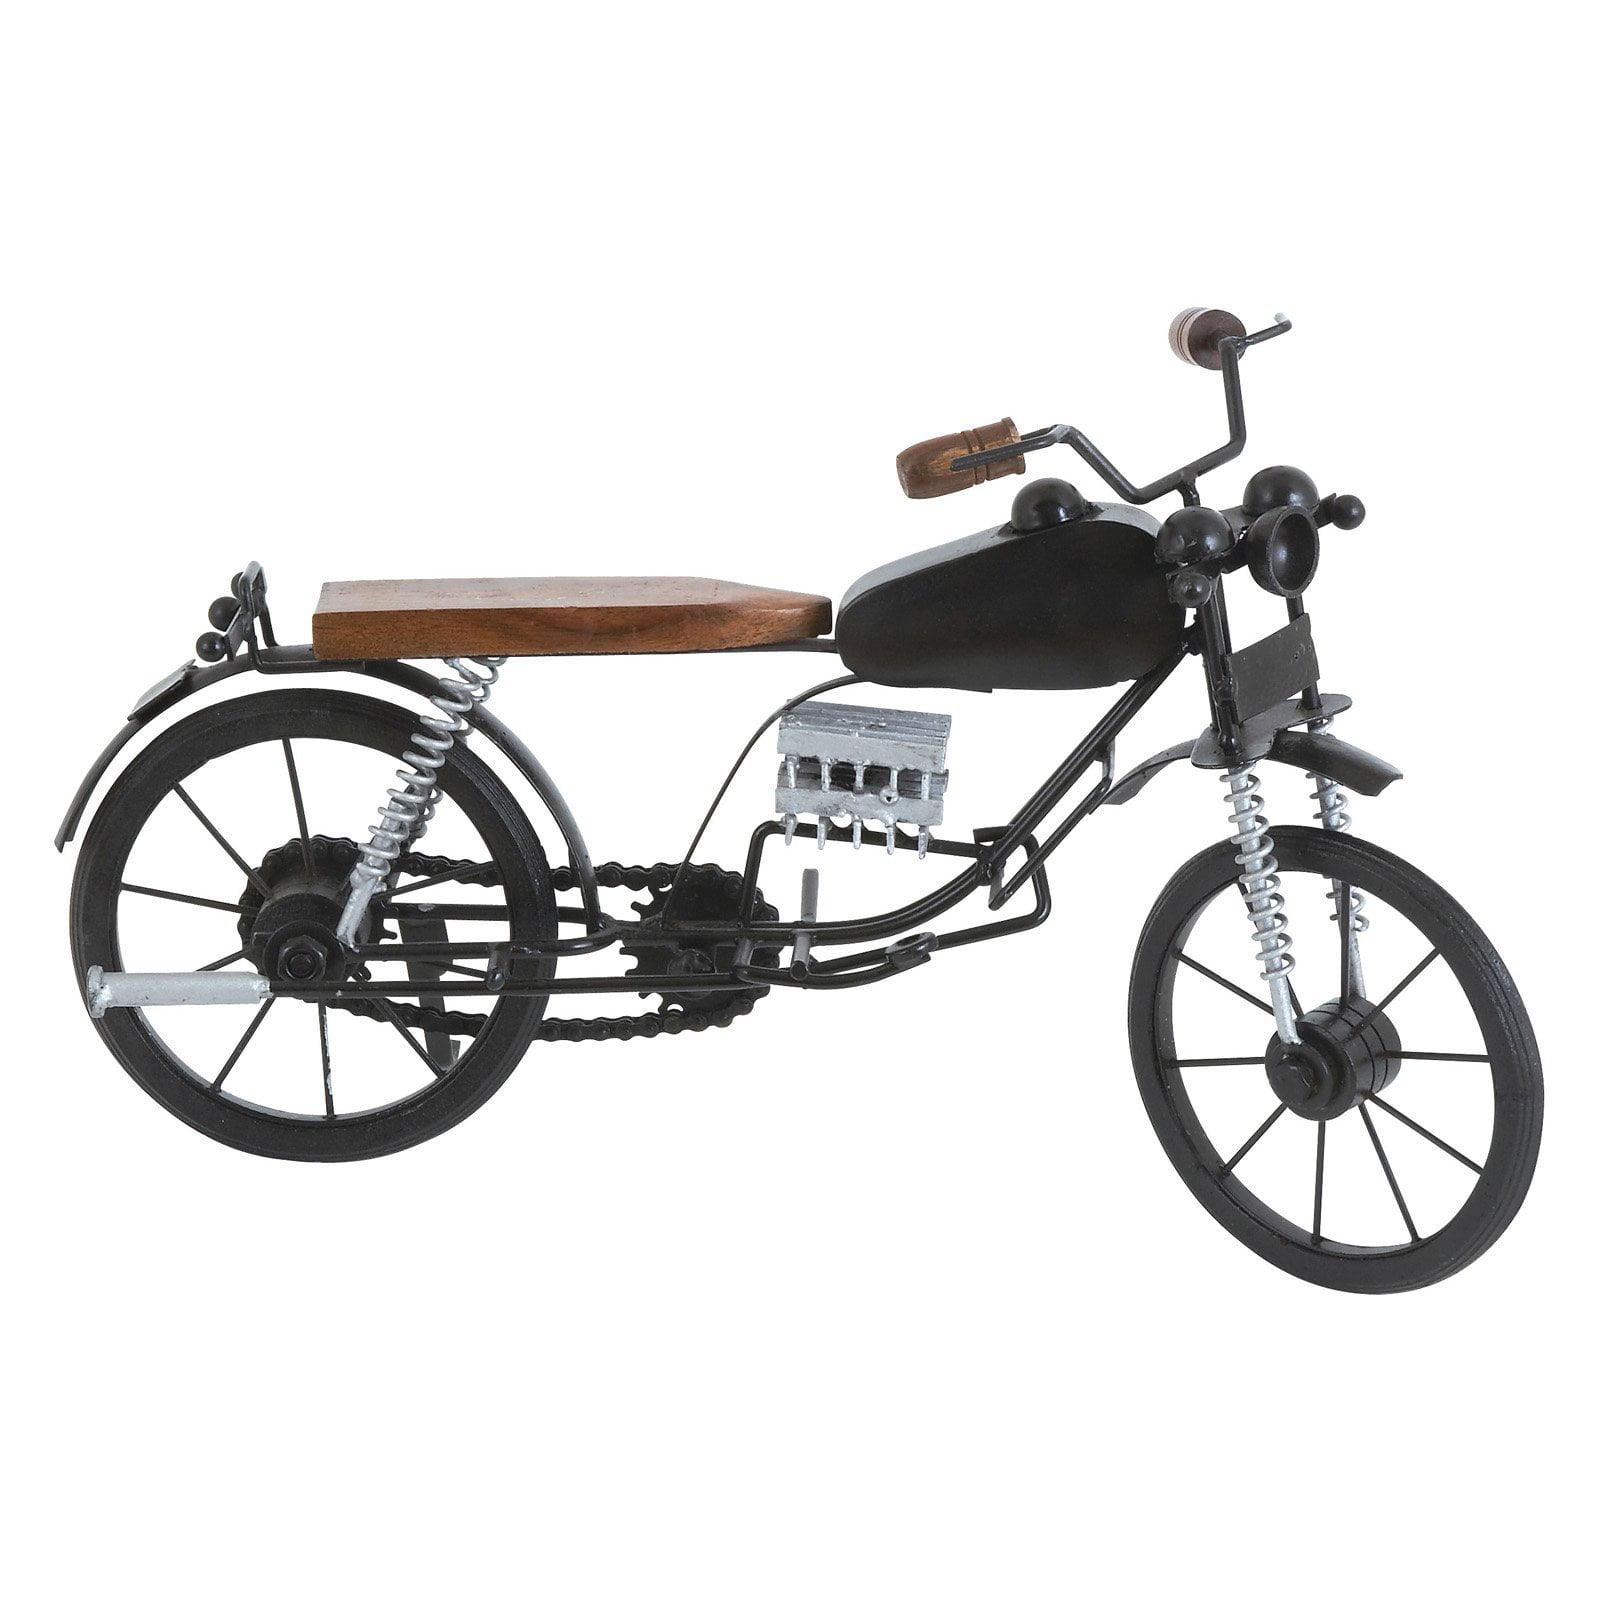 Metal and Wooden Motorcycle Sculpture II